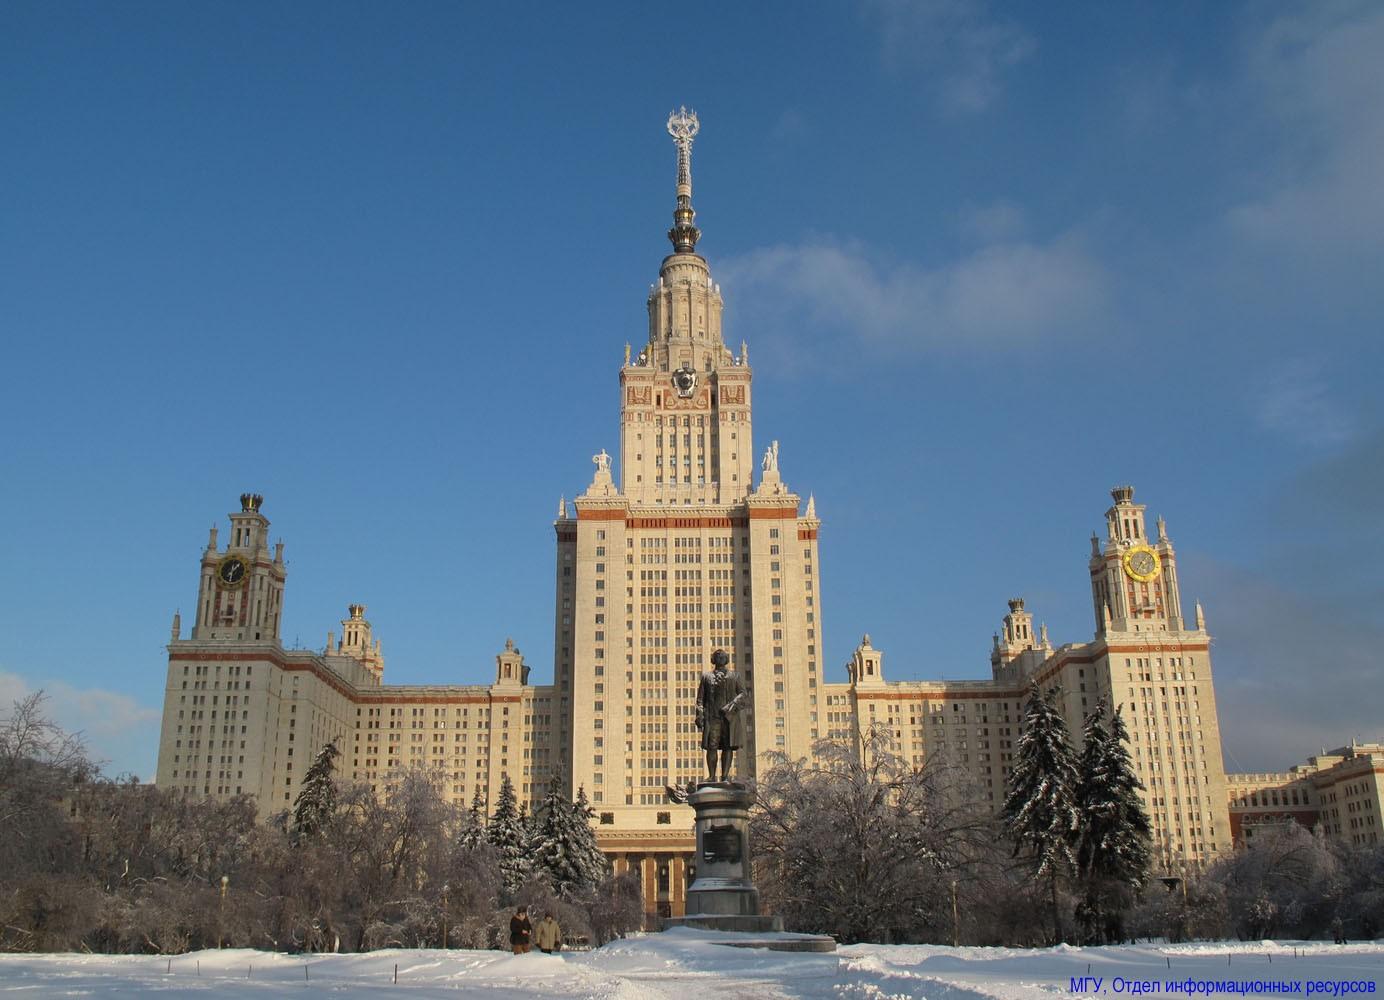 Иностранные СМИ включили МГУ в список из 10 красивых университетов Европы